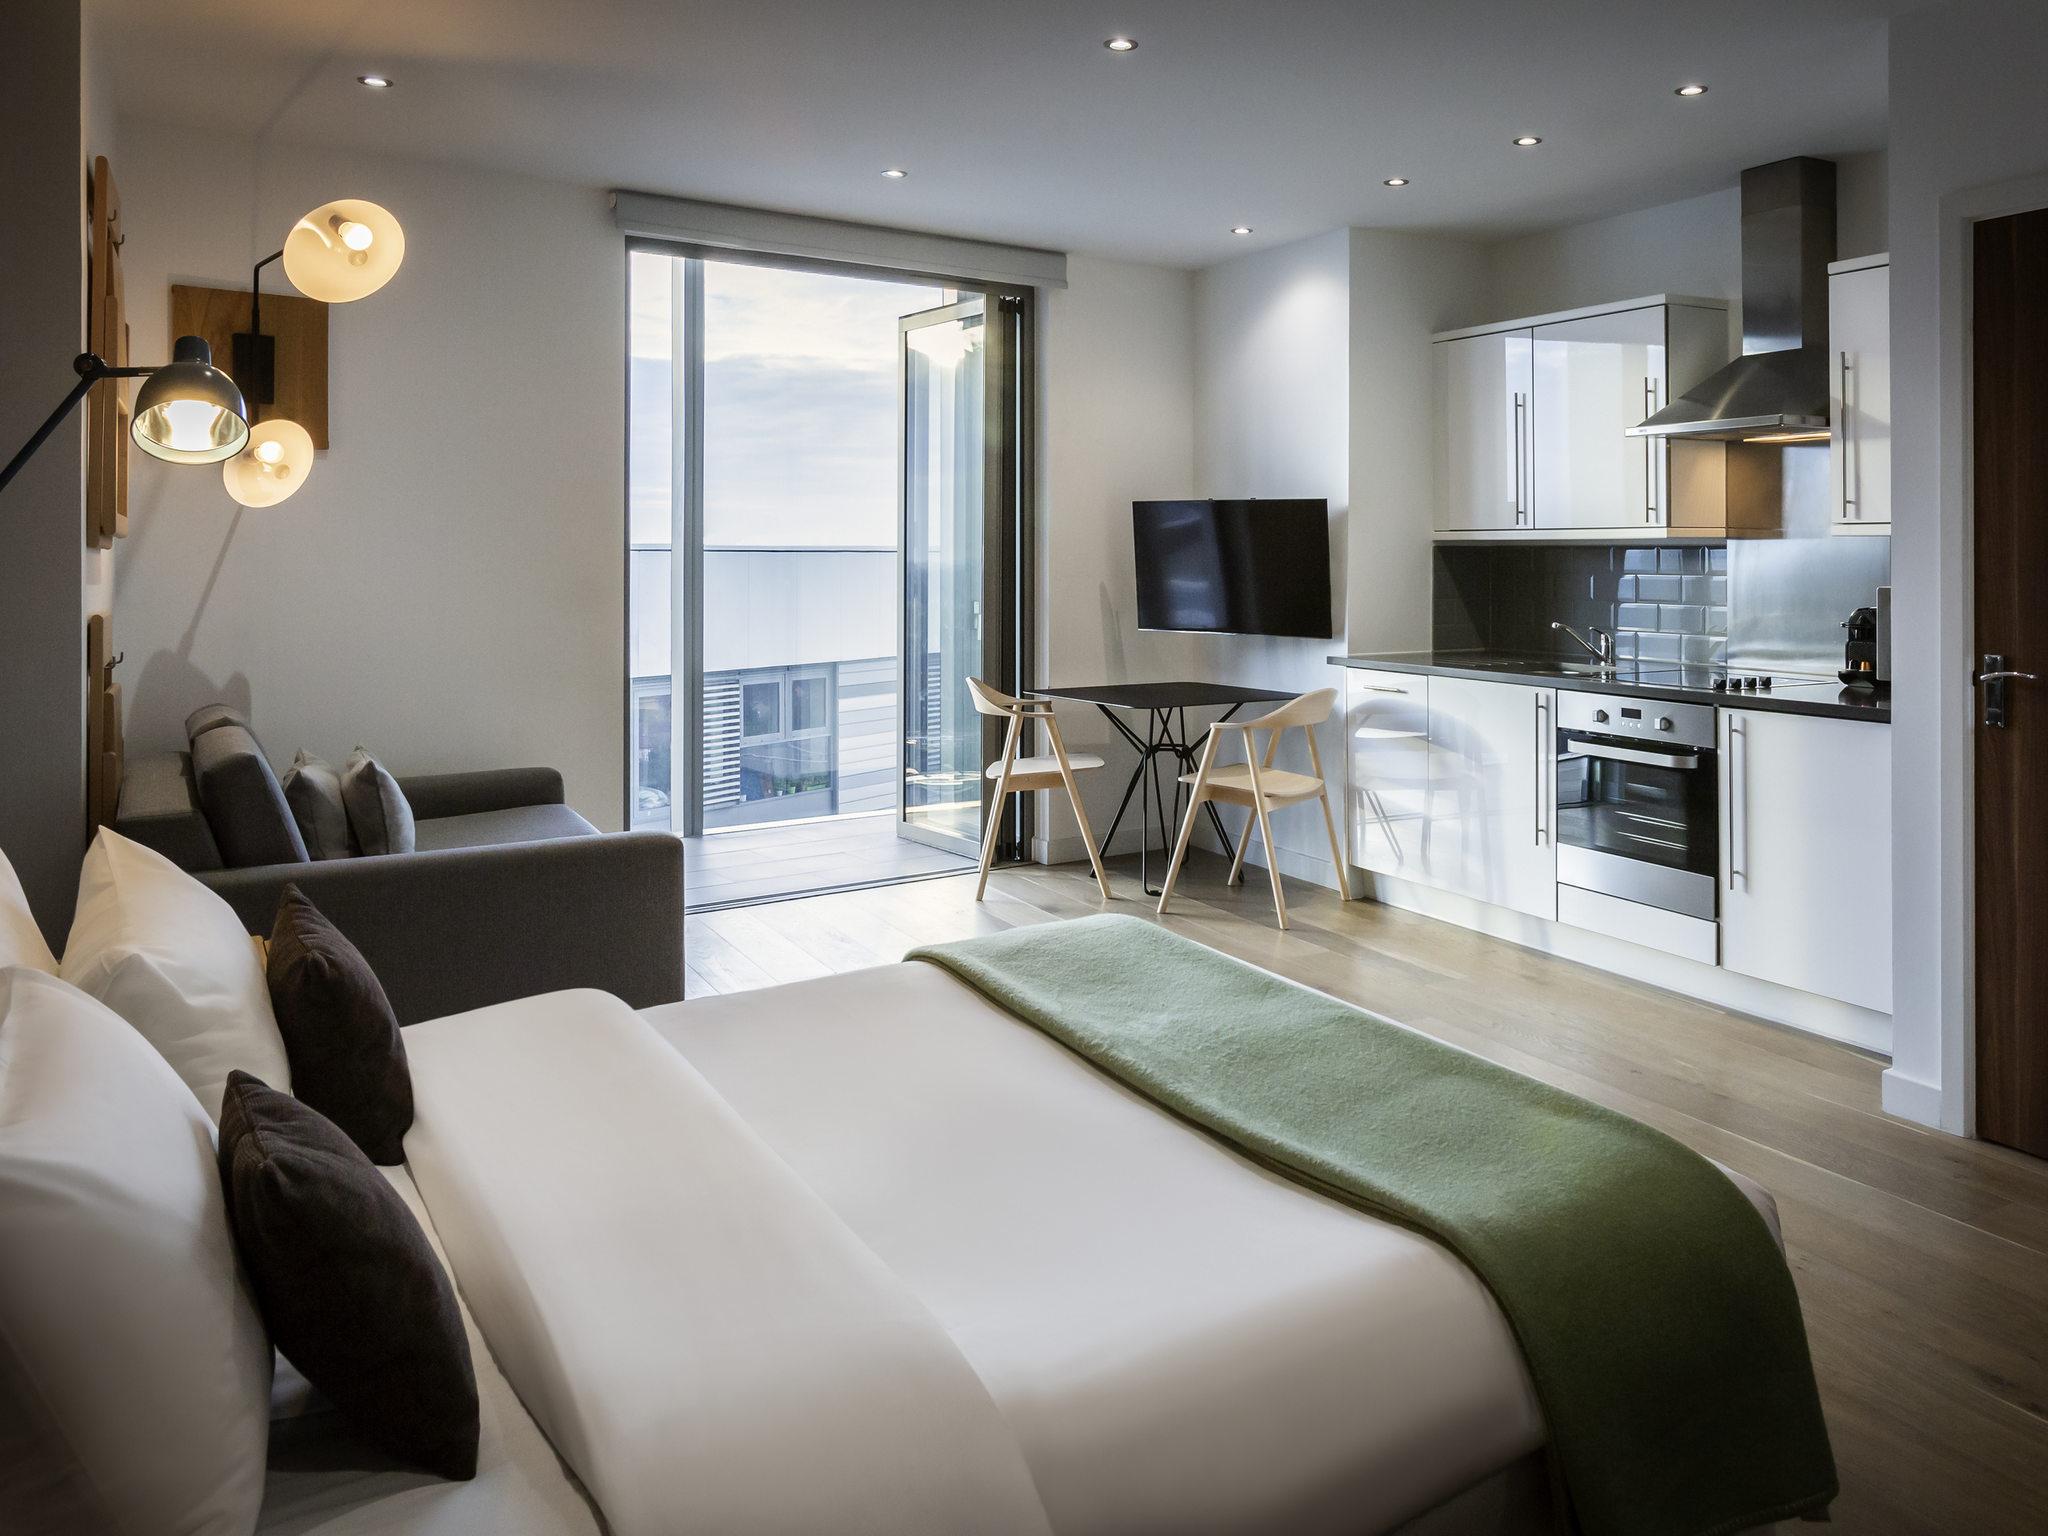 Отель — Апарт-отель Adagio Лондон Брентфорд (открытие в октябре 2018 г.)